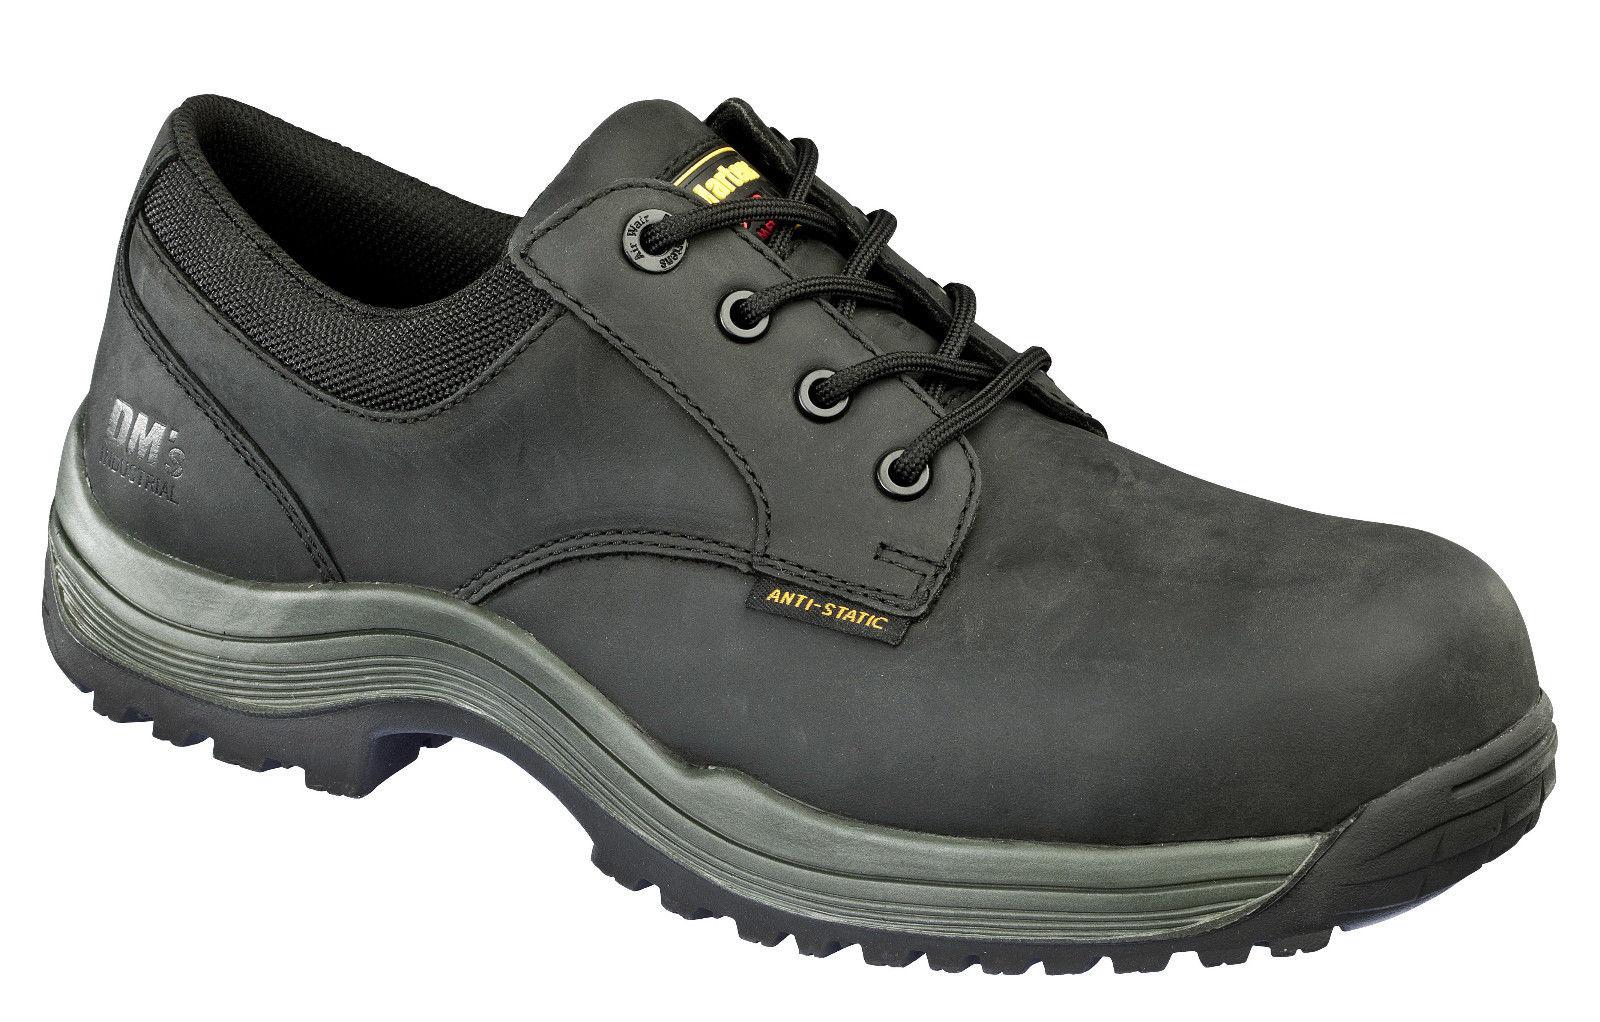 Dr Martens Hawk - Mens Black Smart Safety Work Shoes - Composite Toe | EBay